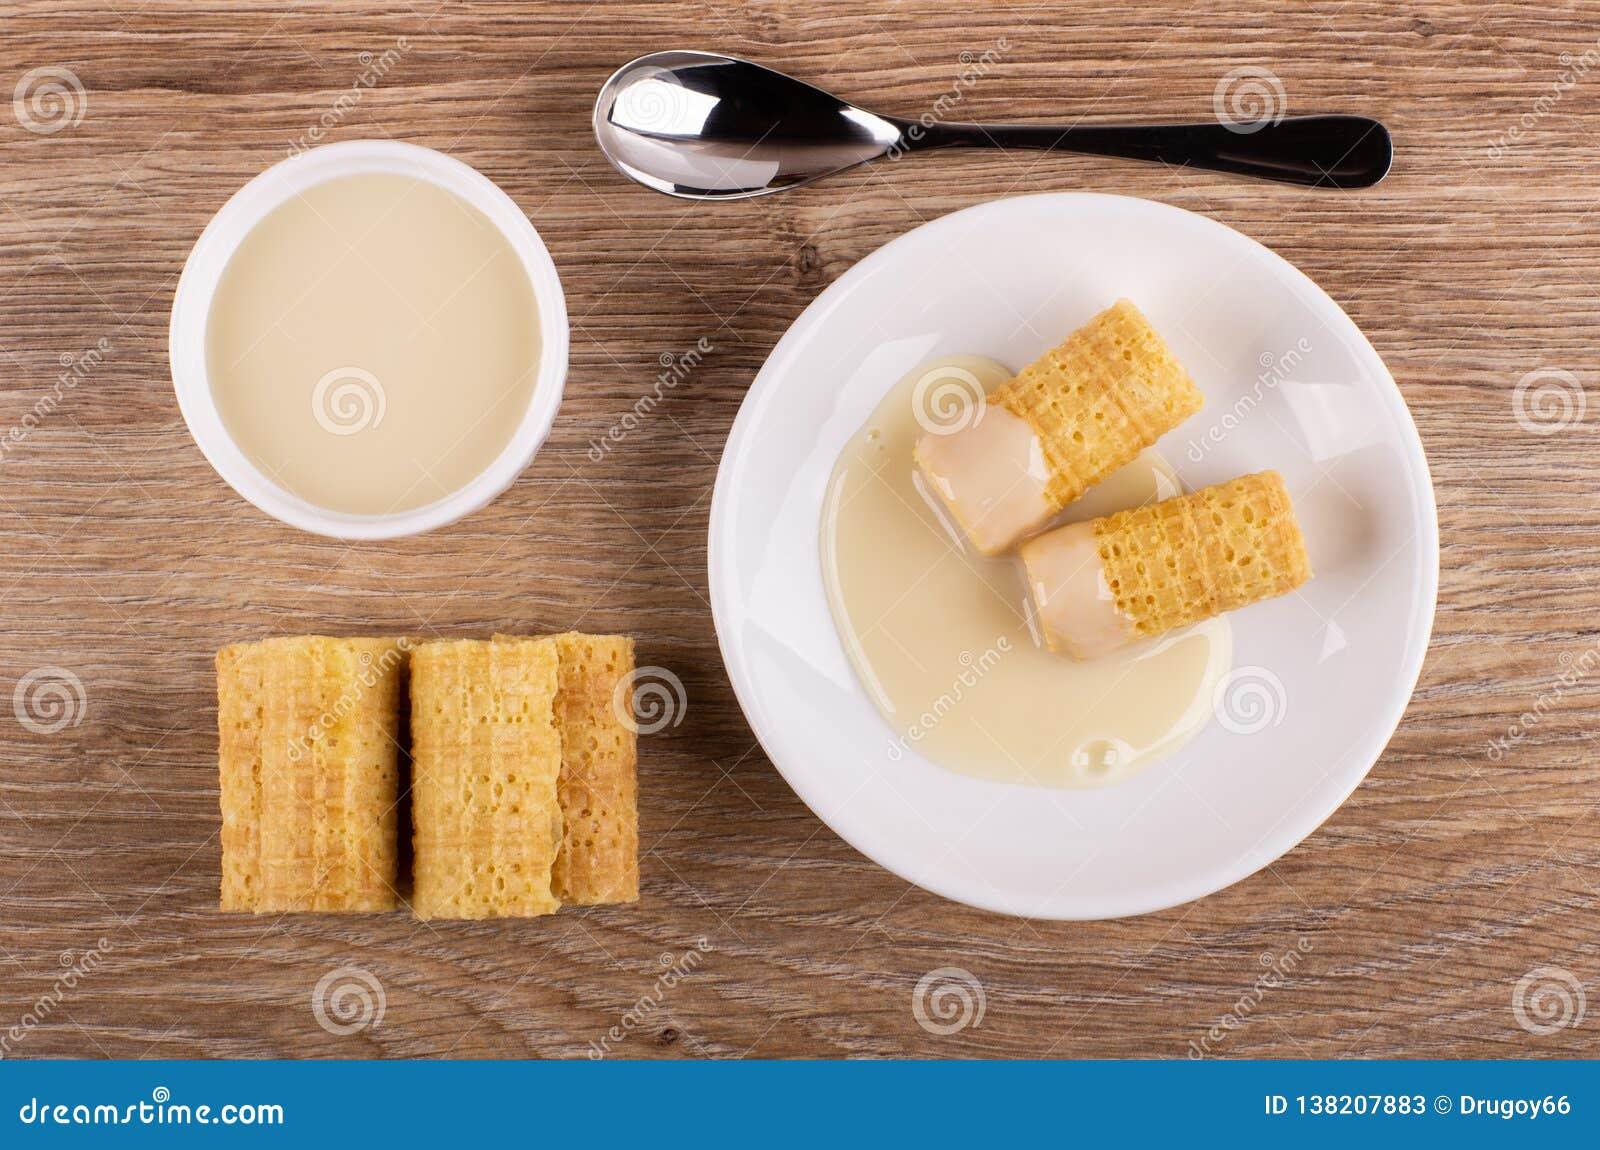 Het wafeltje rolt met condens in schotel, glaskom met melk, lepel op lijst Hoogste mening